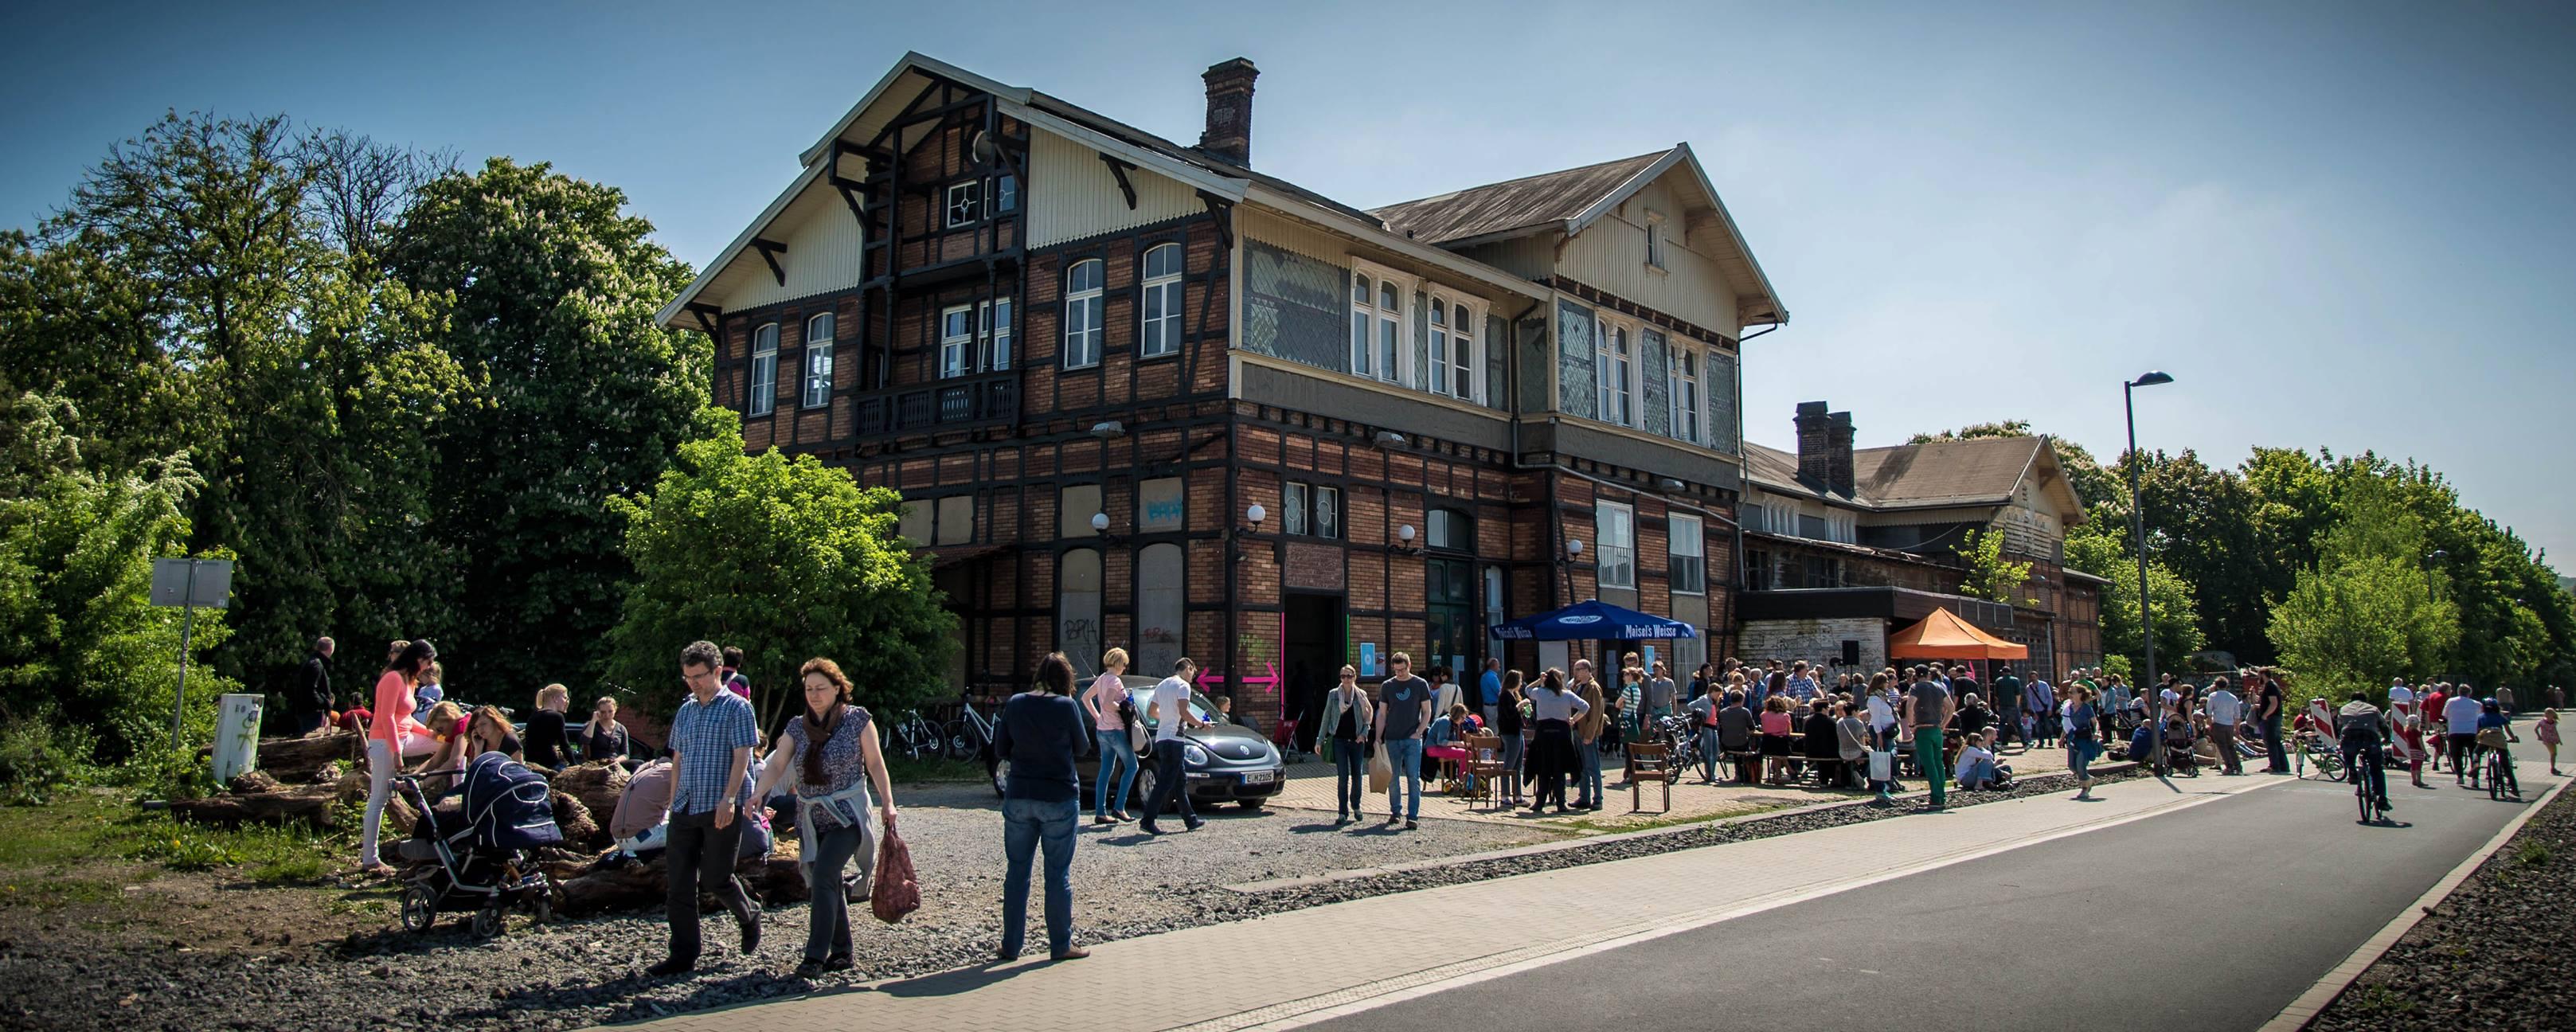 ai regional Wuppertal - Sommerlicher Ausflug in den Biergarten Mirker Bahnhof und Radtour auf der Nordbahntrasse